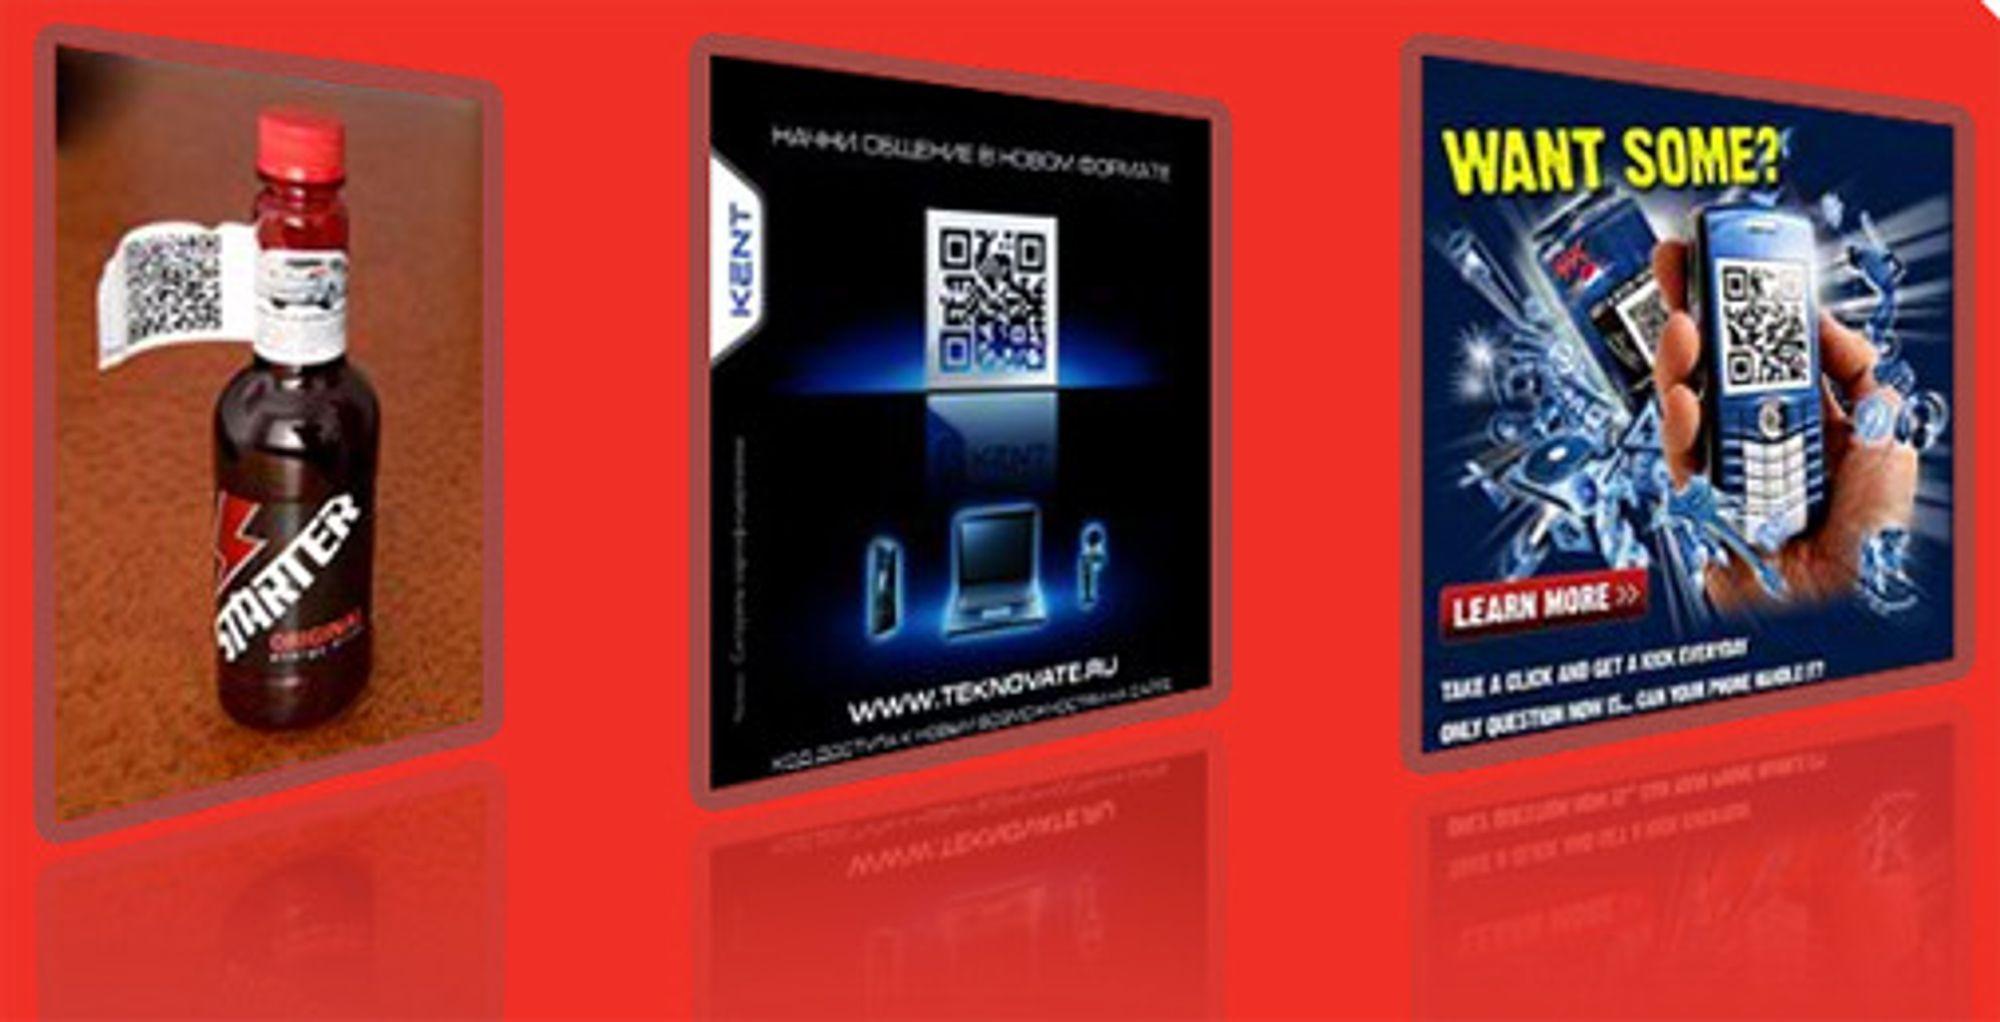 Eksempler på mobile strekkoder på produkter og plakater.